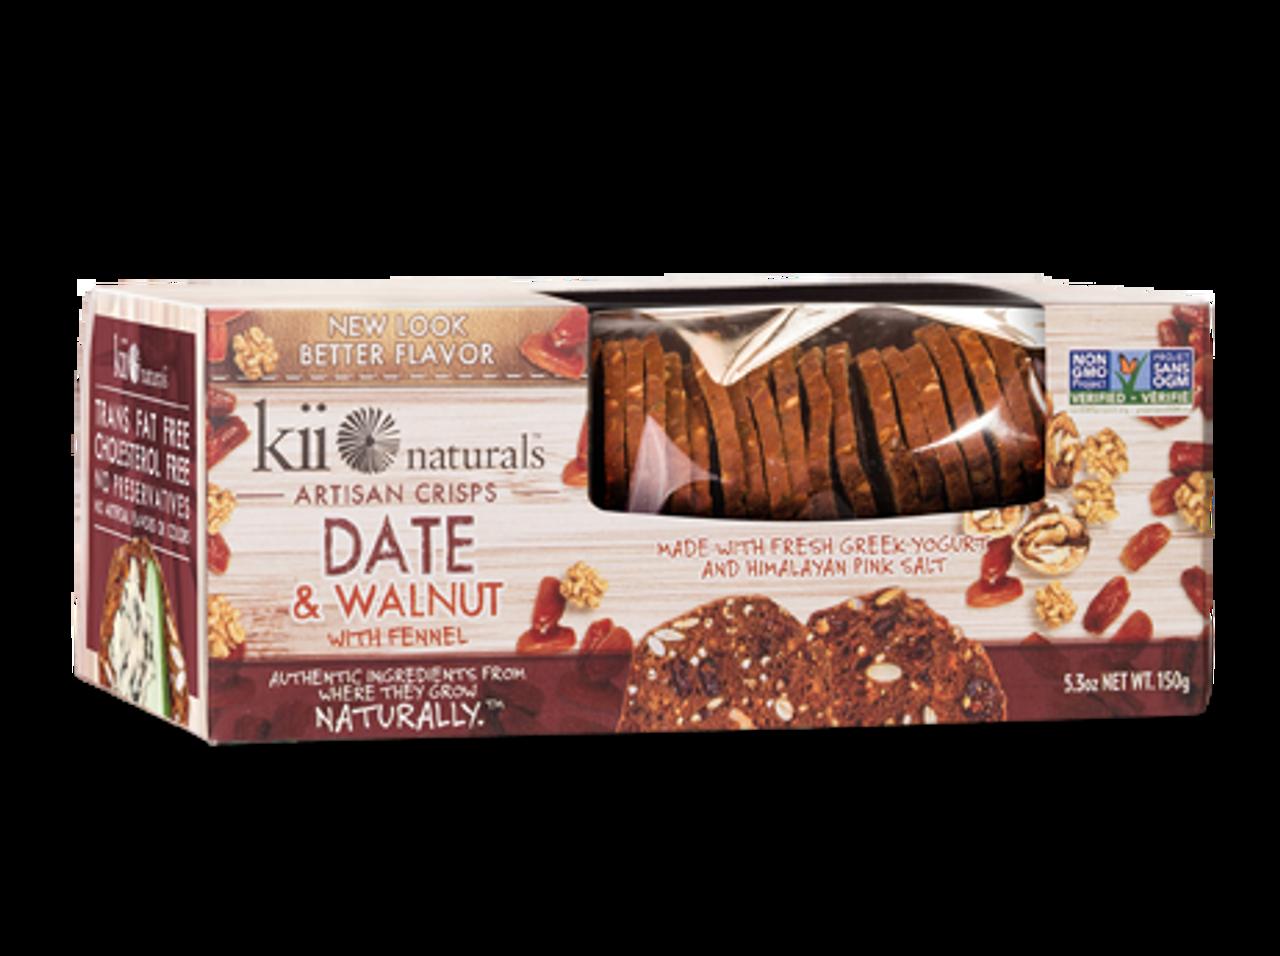 Kii Naturals Date & Walnut